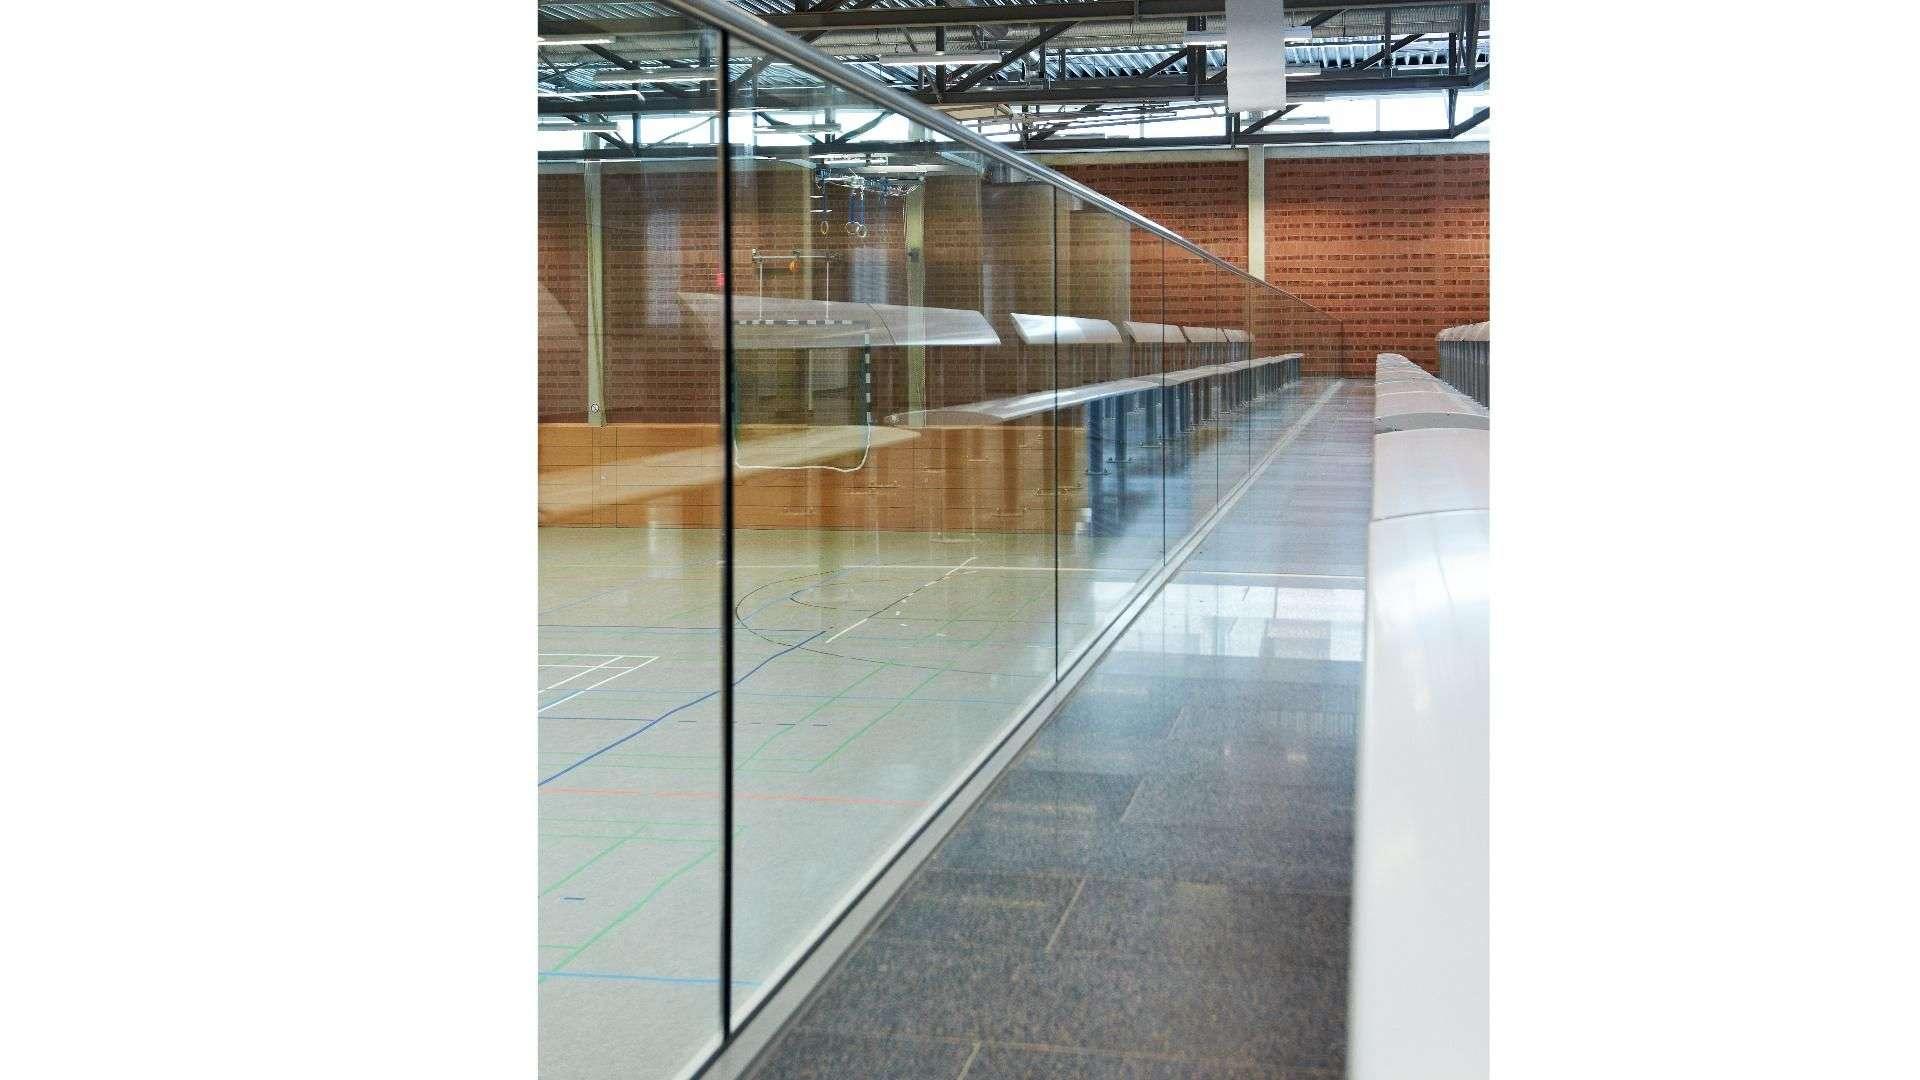 Verglasung der Tribüne einer Sporthalle